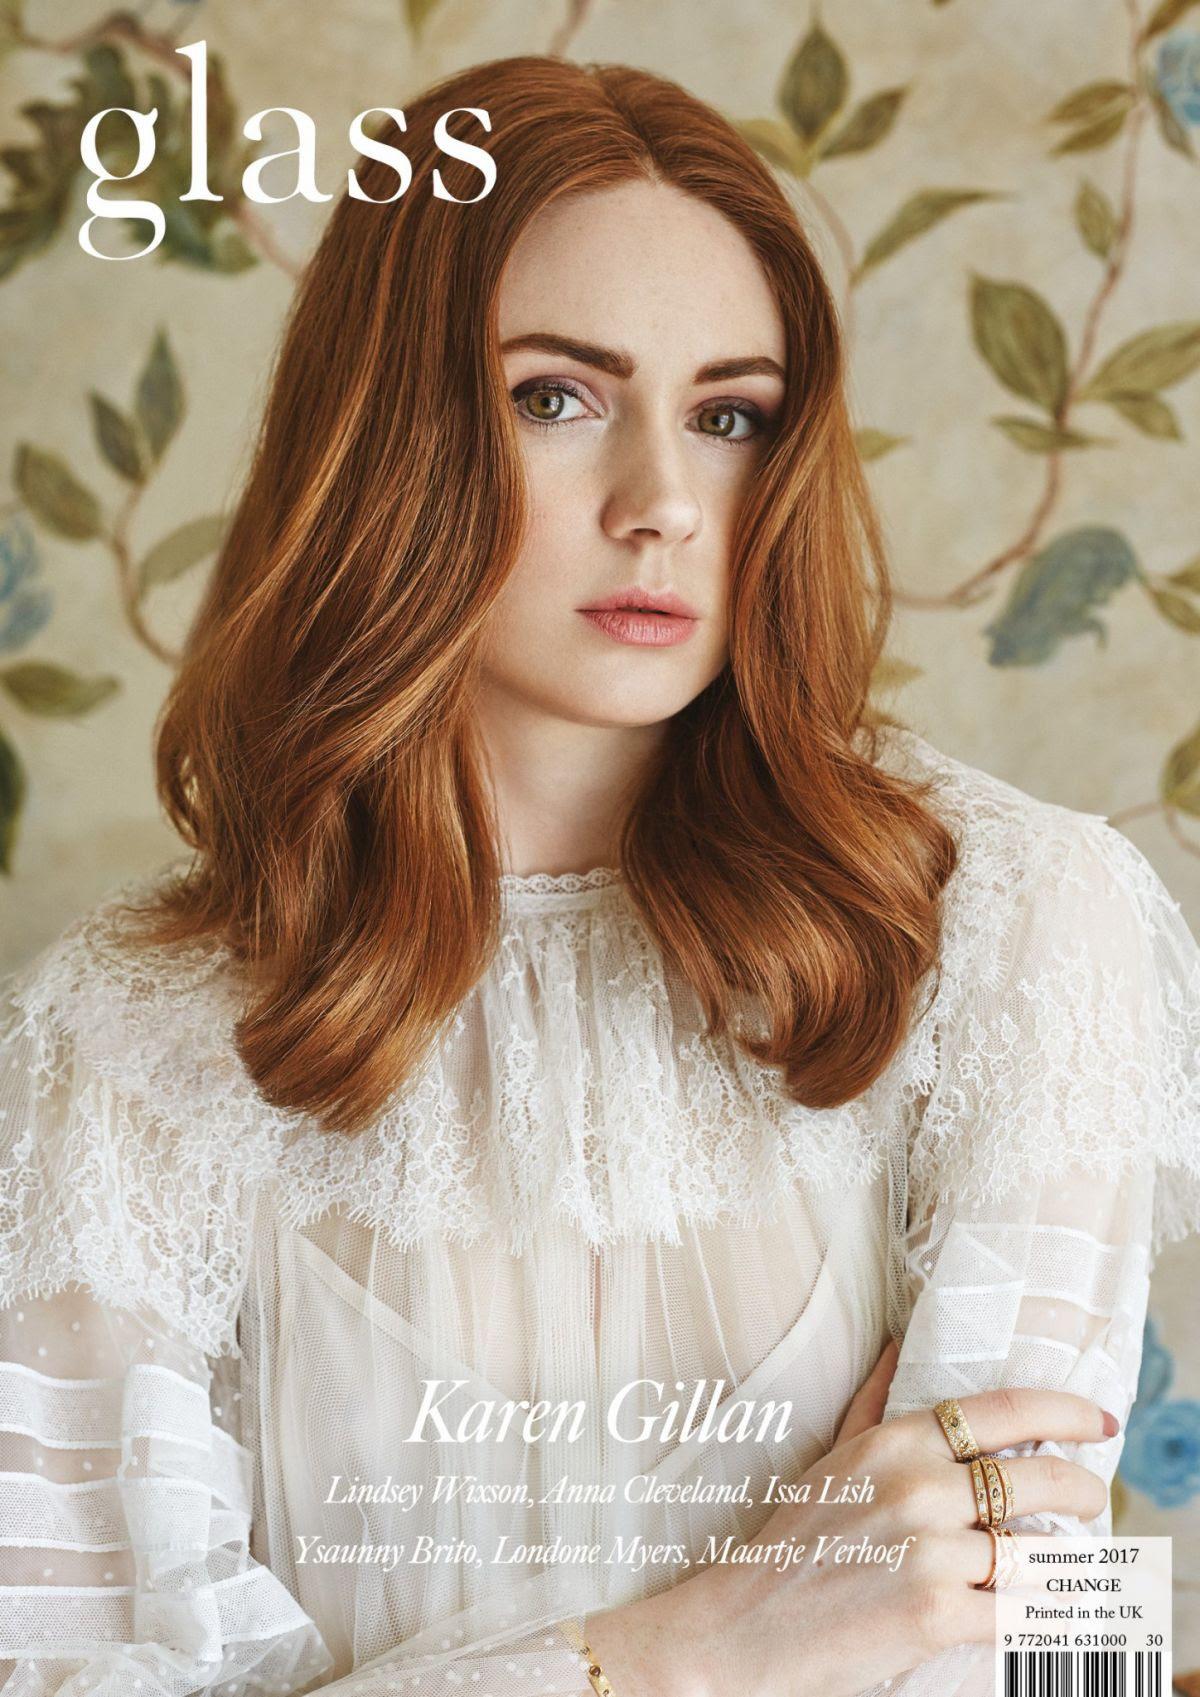 KAREN GILLAN in Glass Magazine, Summer 2017 Issue